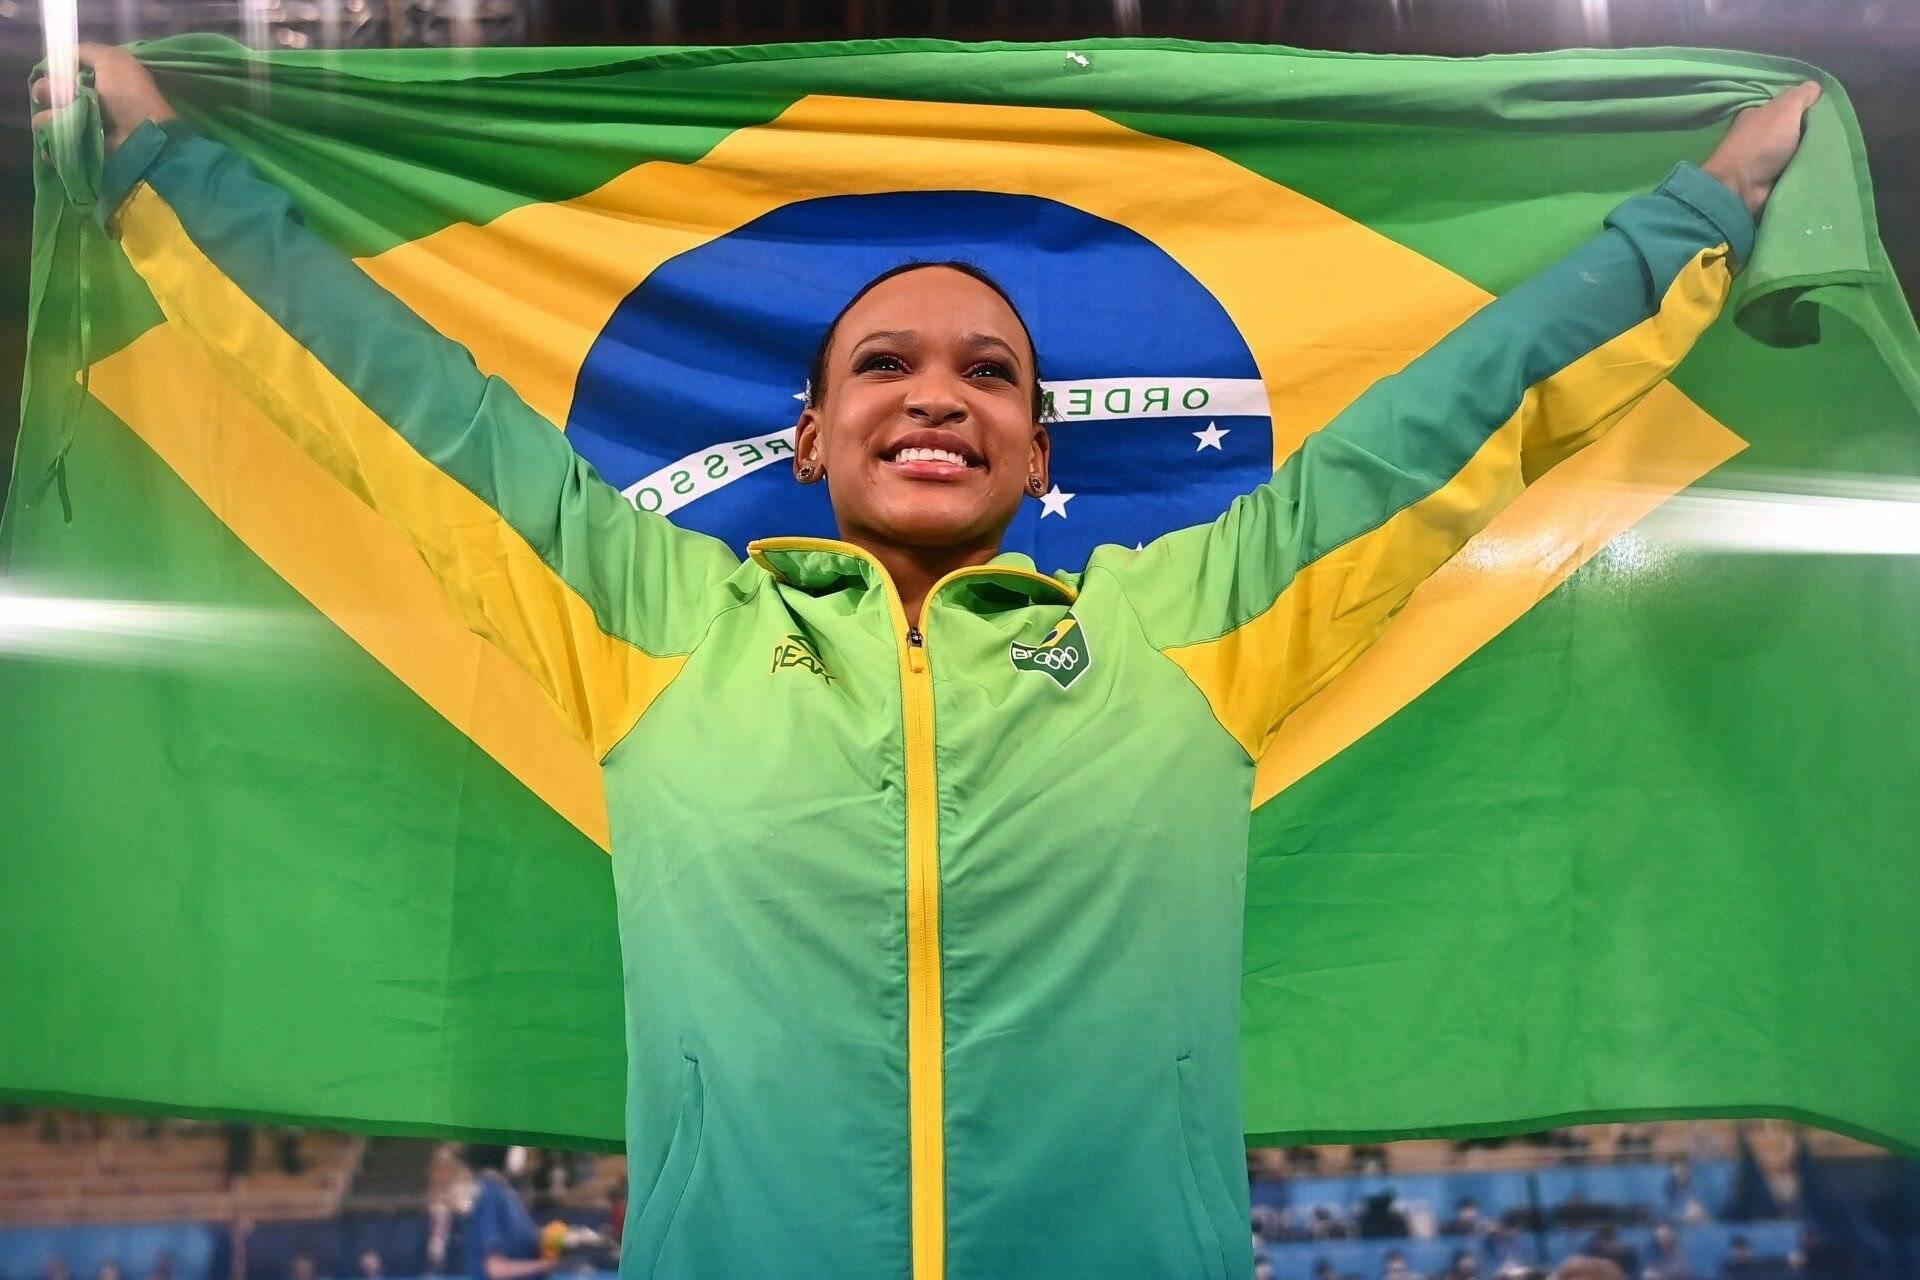 1 - Rebeca Andrade (Ouro e Prata ginástica) - 836%. Foto: redacao@odia.com.br (O Dia)